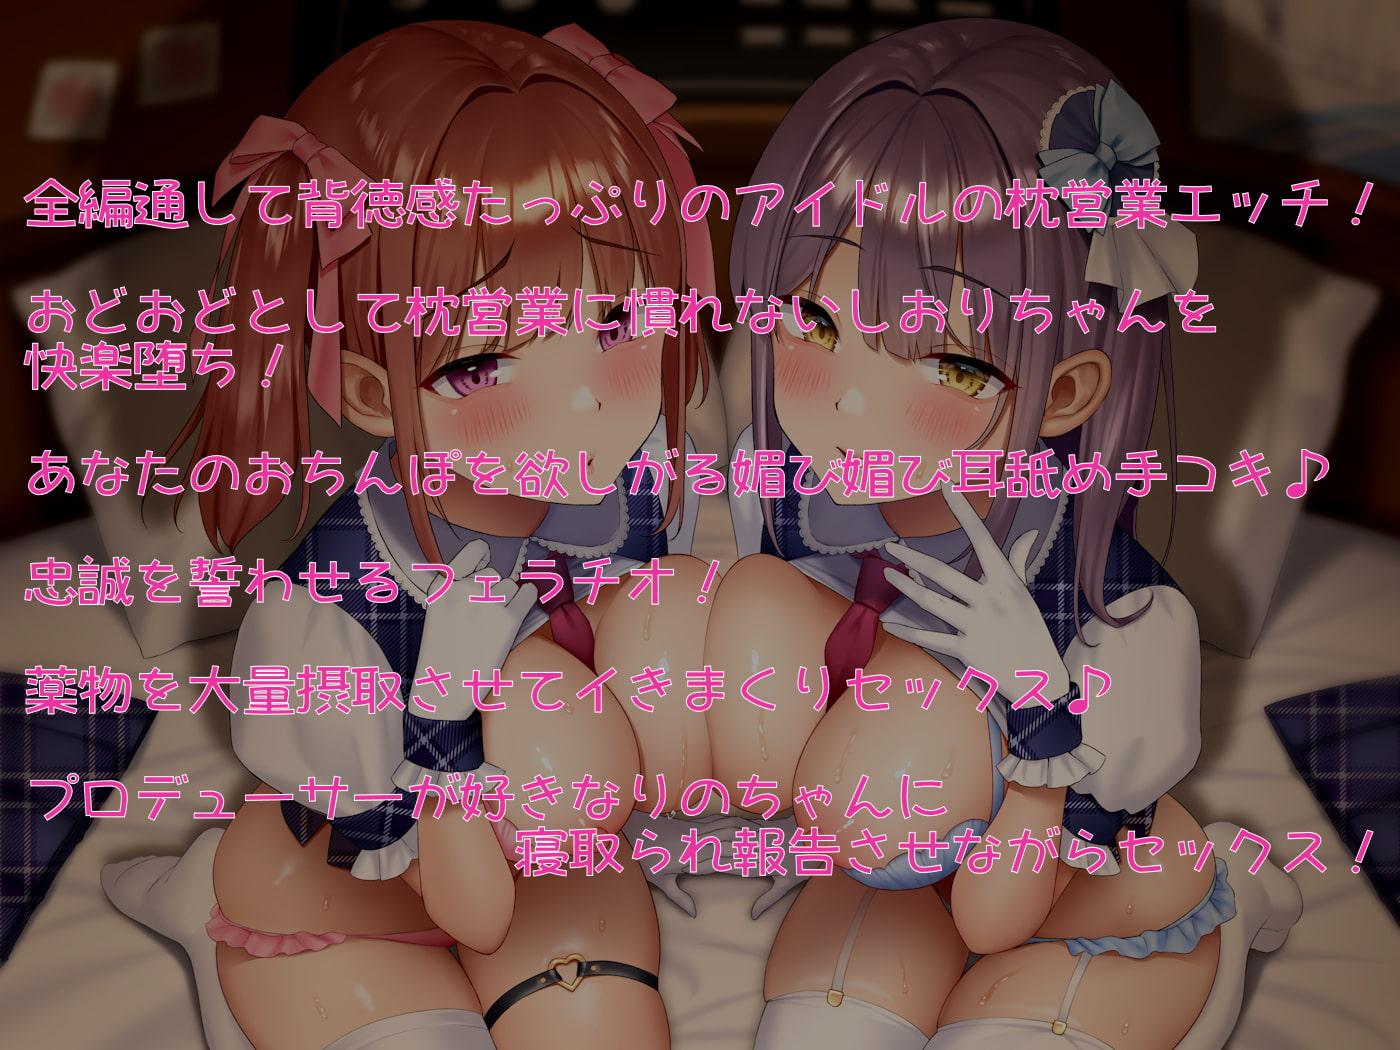 マクラアイドルツインズ【NTR】 [しゃーぷ]